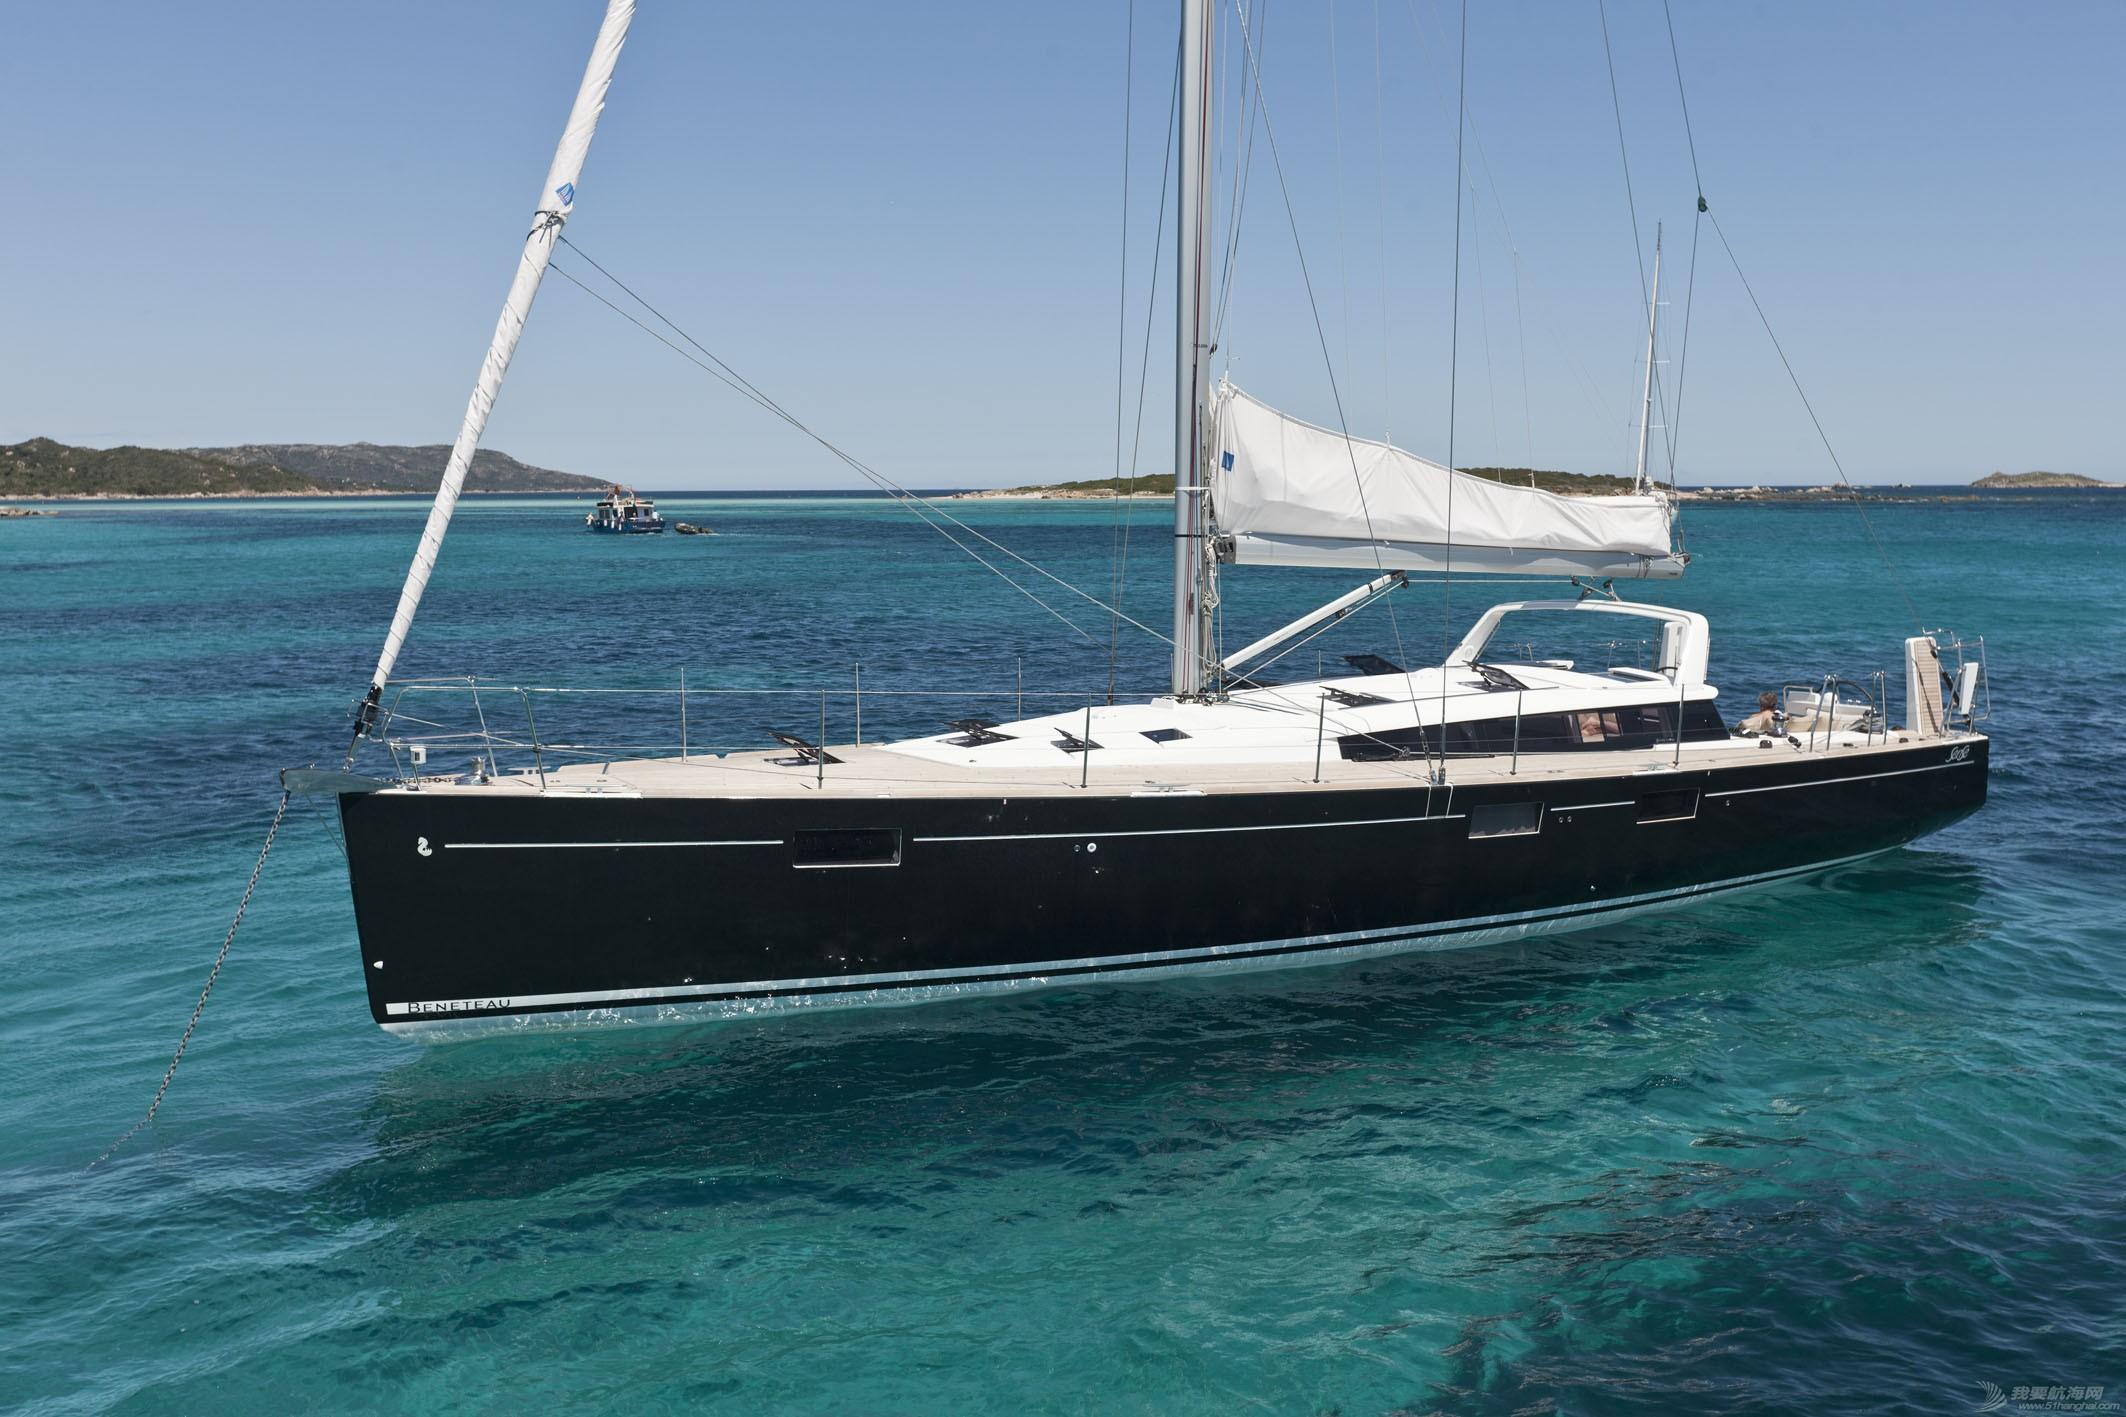 帆船 Beneteau Sense 55 博纳多绅士55英尺单体帆船 Sense-55_3.jpg